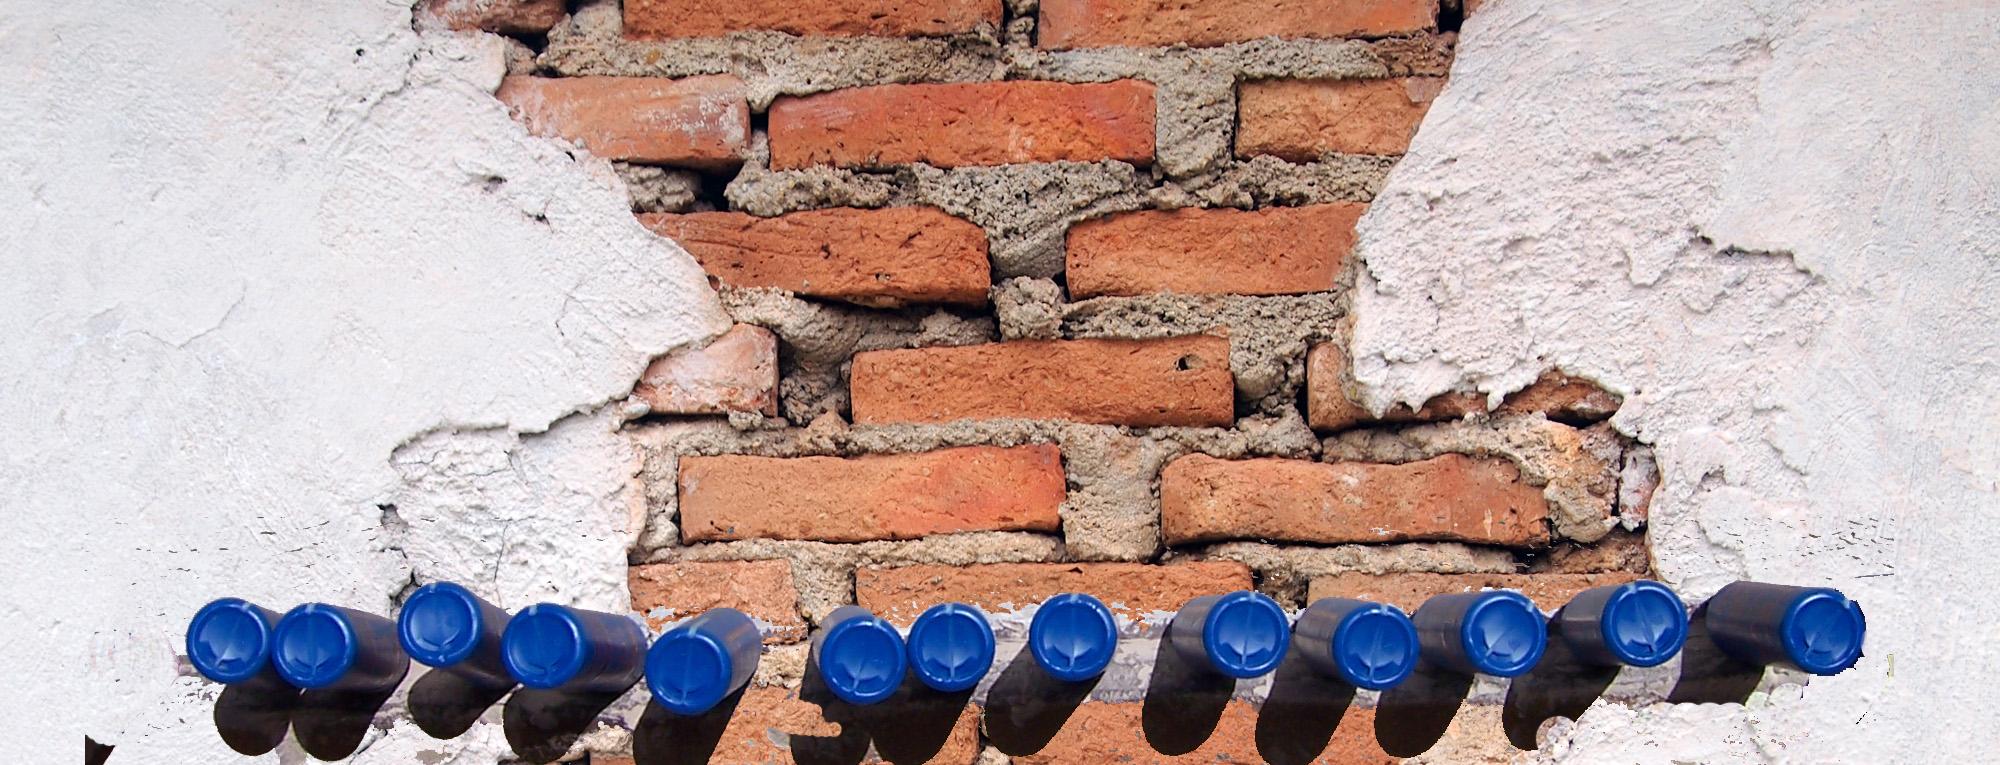 Trockenlegung von Mauern mit Bauko und Partner, Santa Ponsa, Mallorca